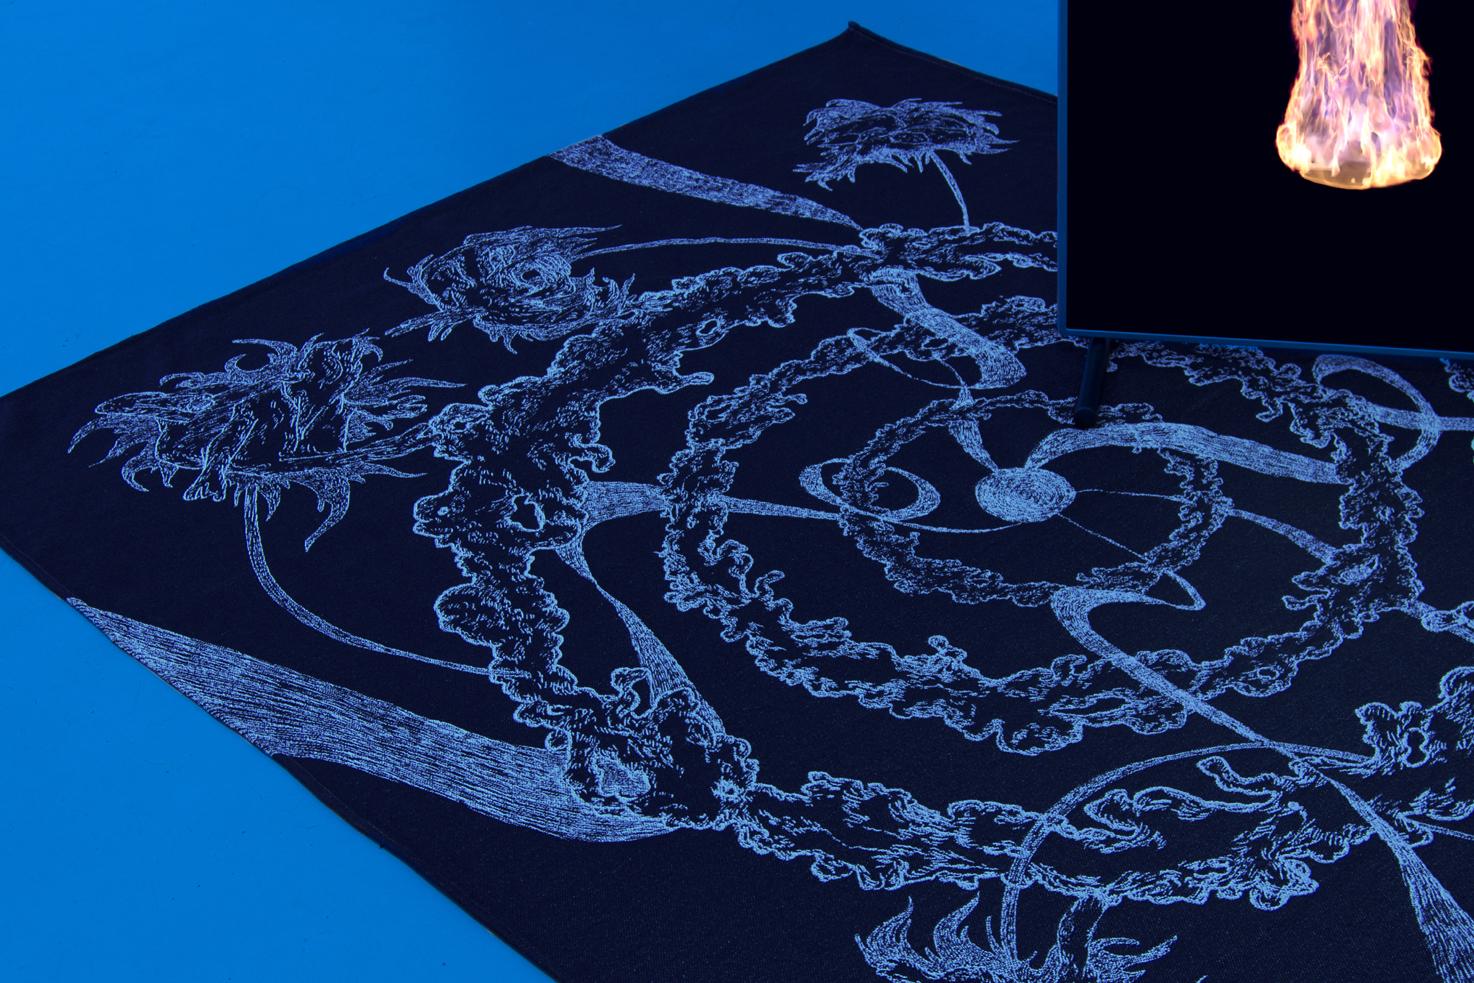 9 Paolo Brambilla - Fiordiluna, exhibition view, Dimora Artica.jpg